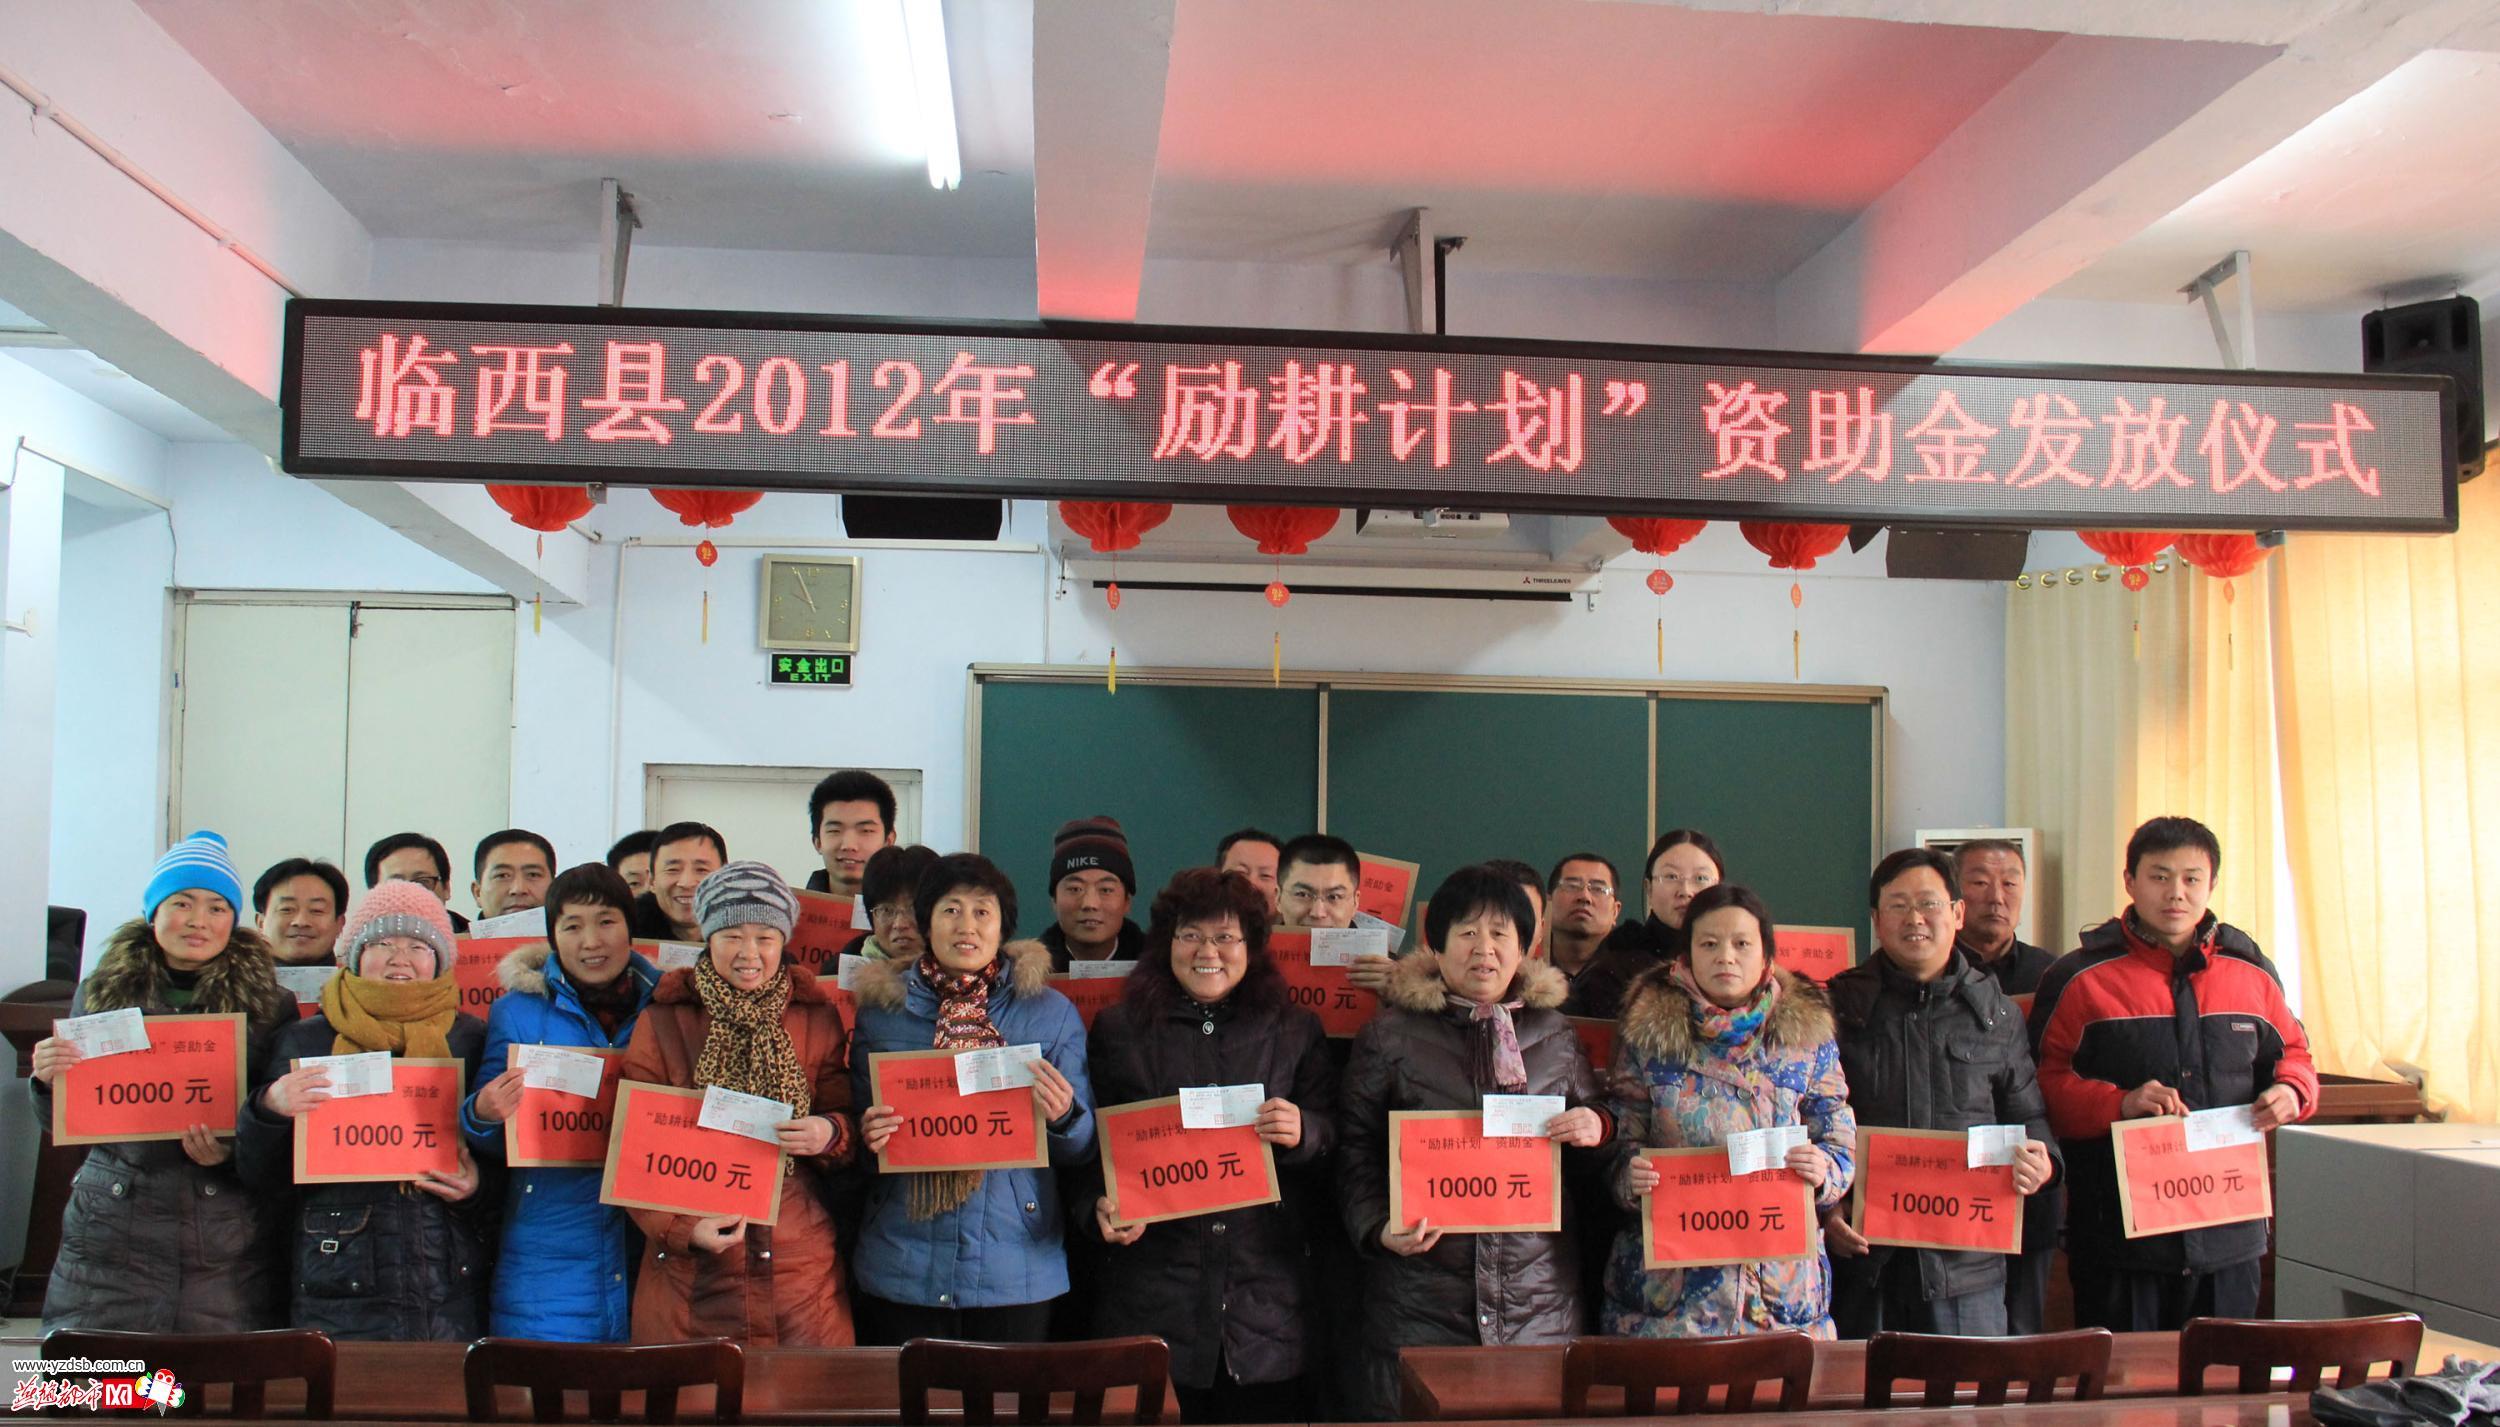 黑龙江省教师励耕计划